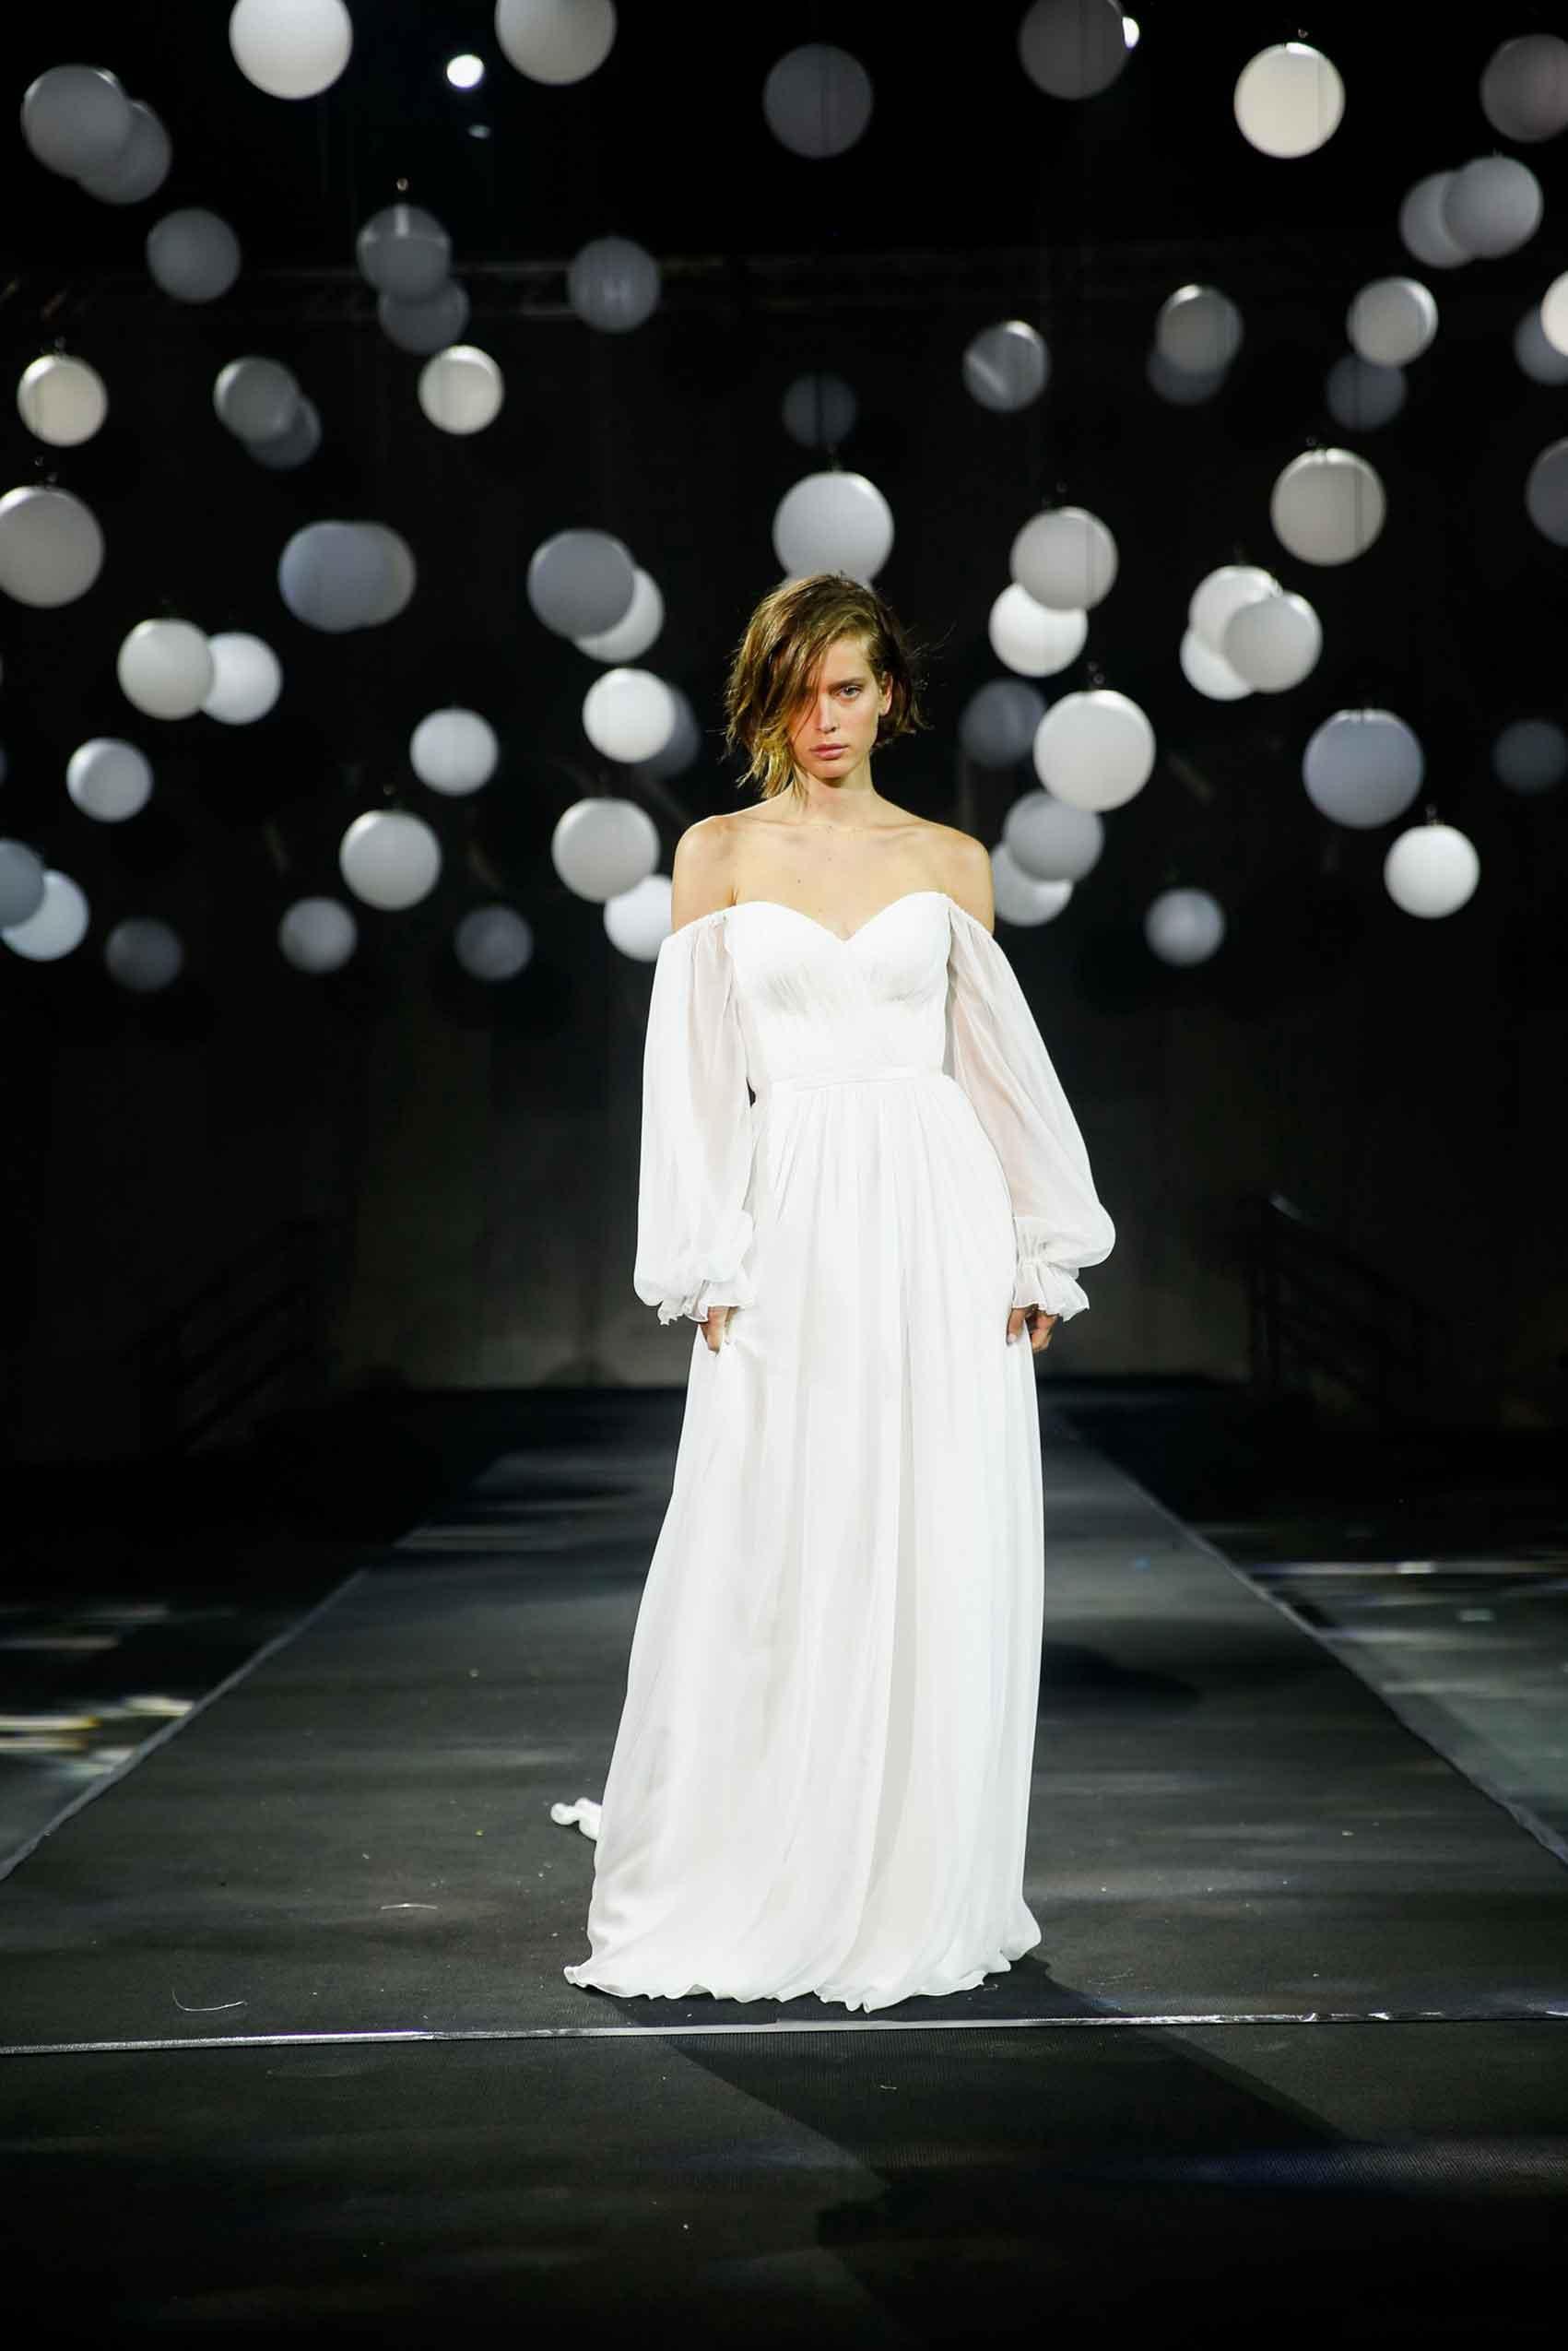 אלון ליבנה. קולקציית שמלות כלה 2020-אופנה נשים - 4  Trends, סטייל, כתבות אופנה, טרנדים, אופנת נשים, Style,, אופנה ישראלית